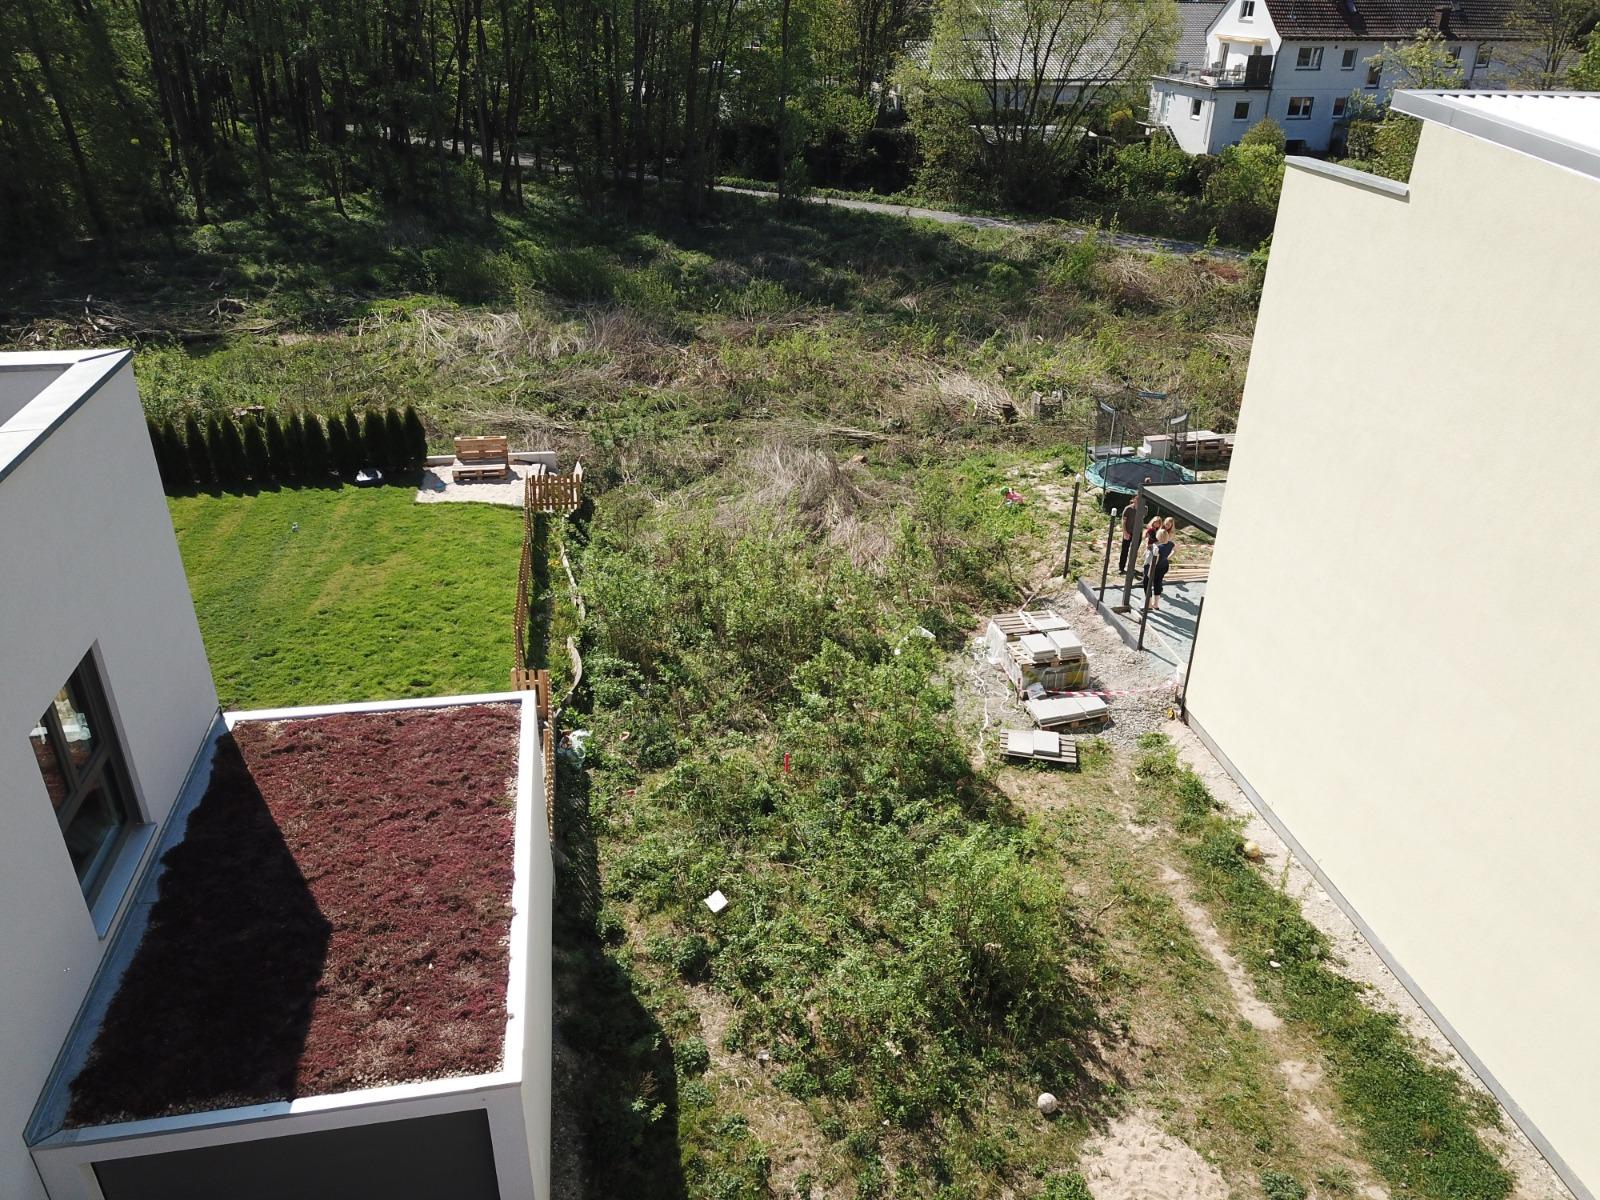 Eppstein - Baubeginn